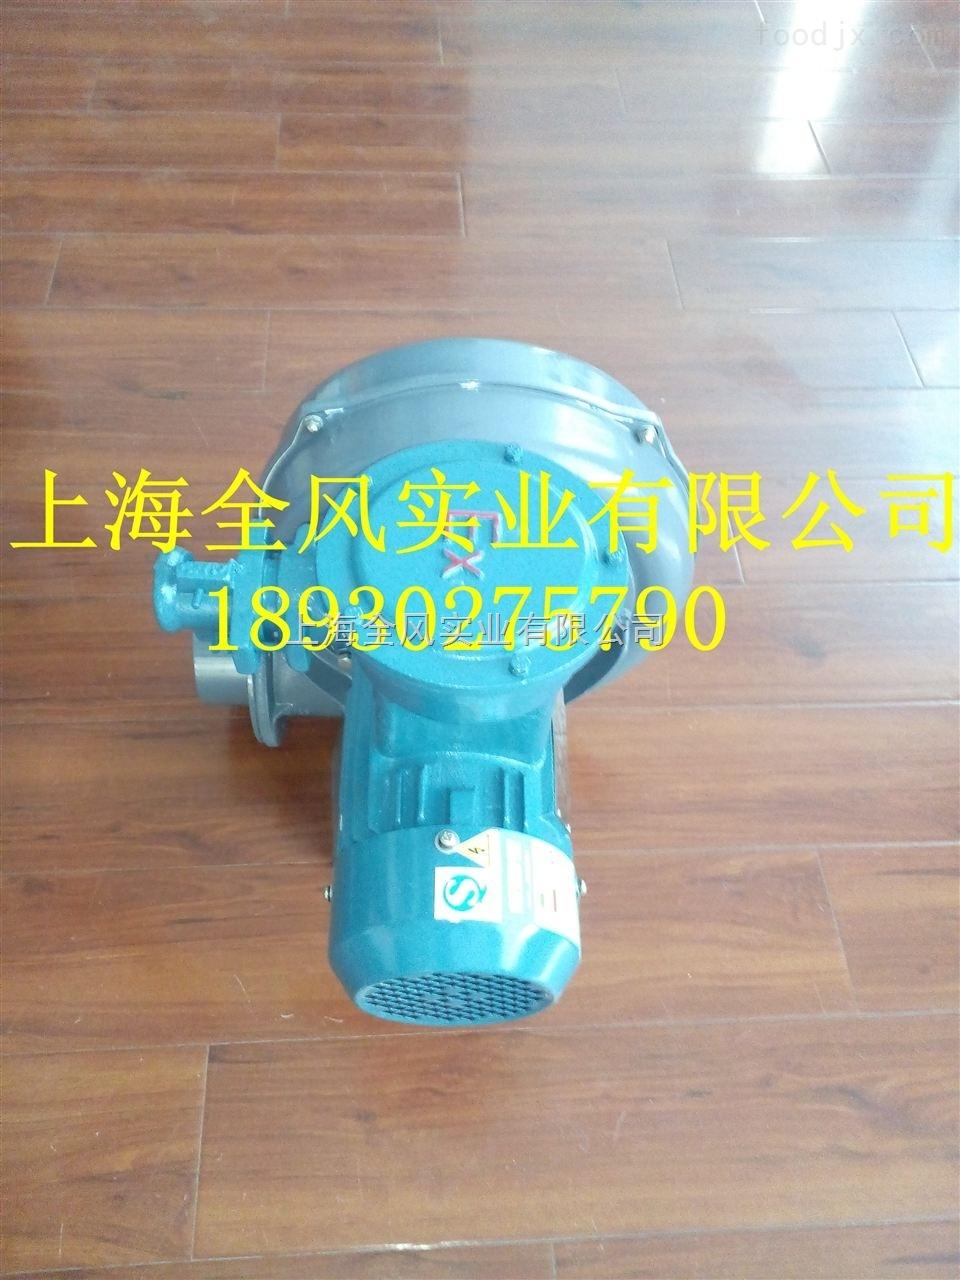 变频防爆风机-上海与鑫机电科技有限公司